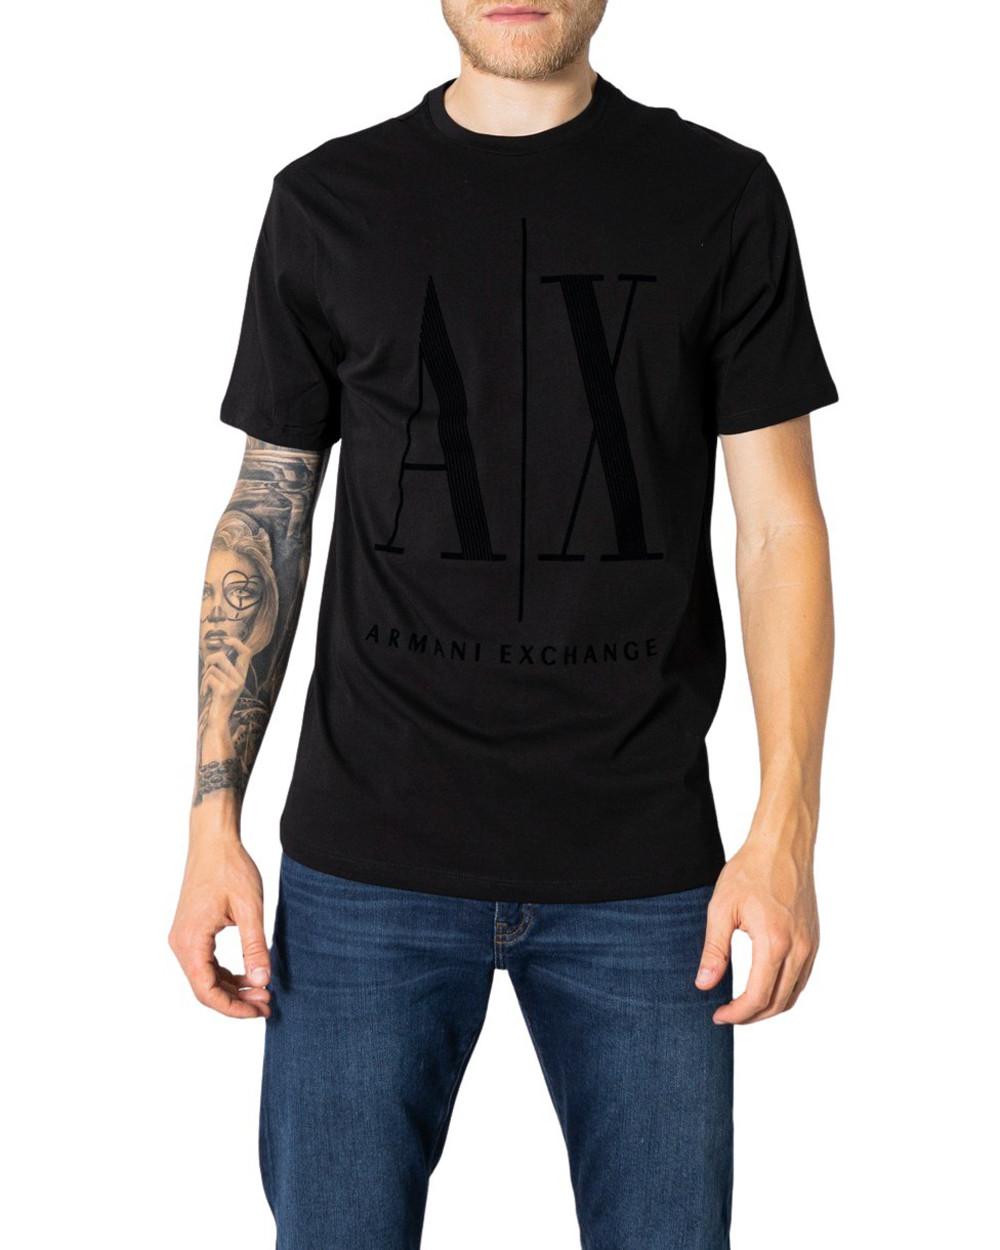 Armani Exchange T-Shirt Muži